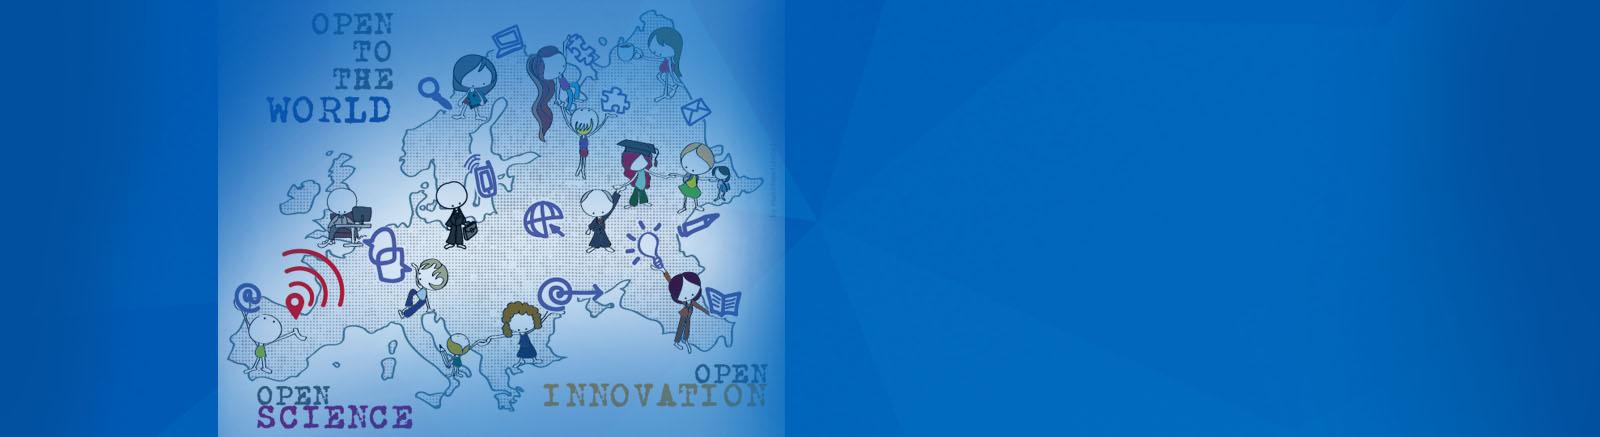 Europa Innovadora, hacia un nuevo modelo de relación empresa-universidad-sociedad